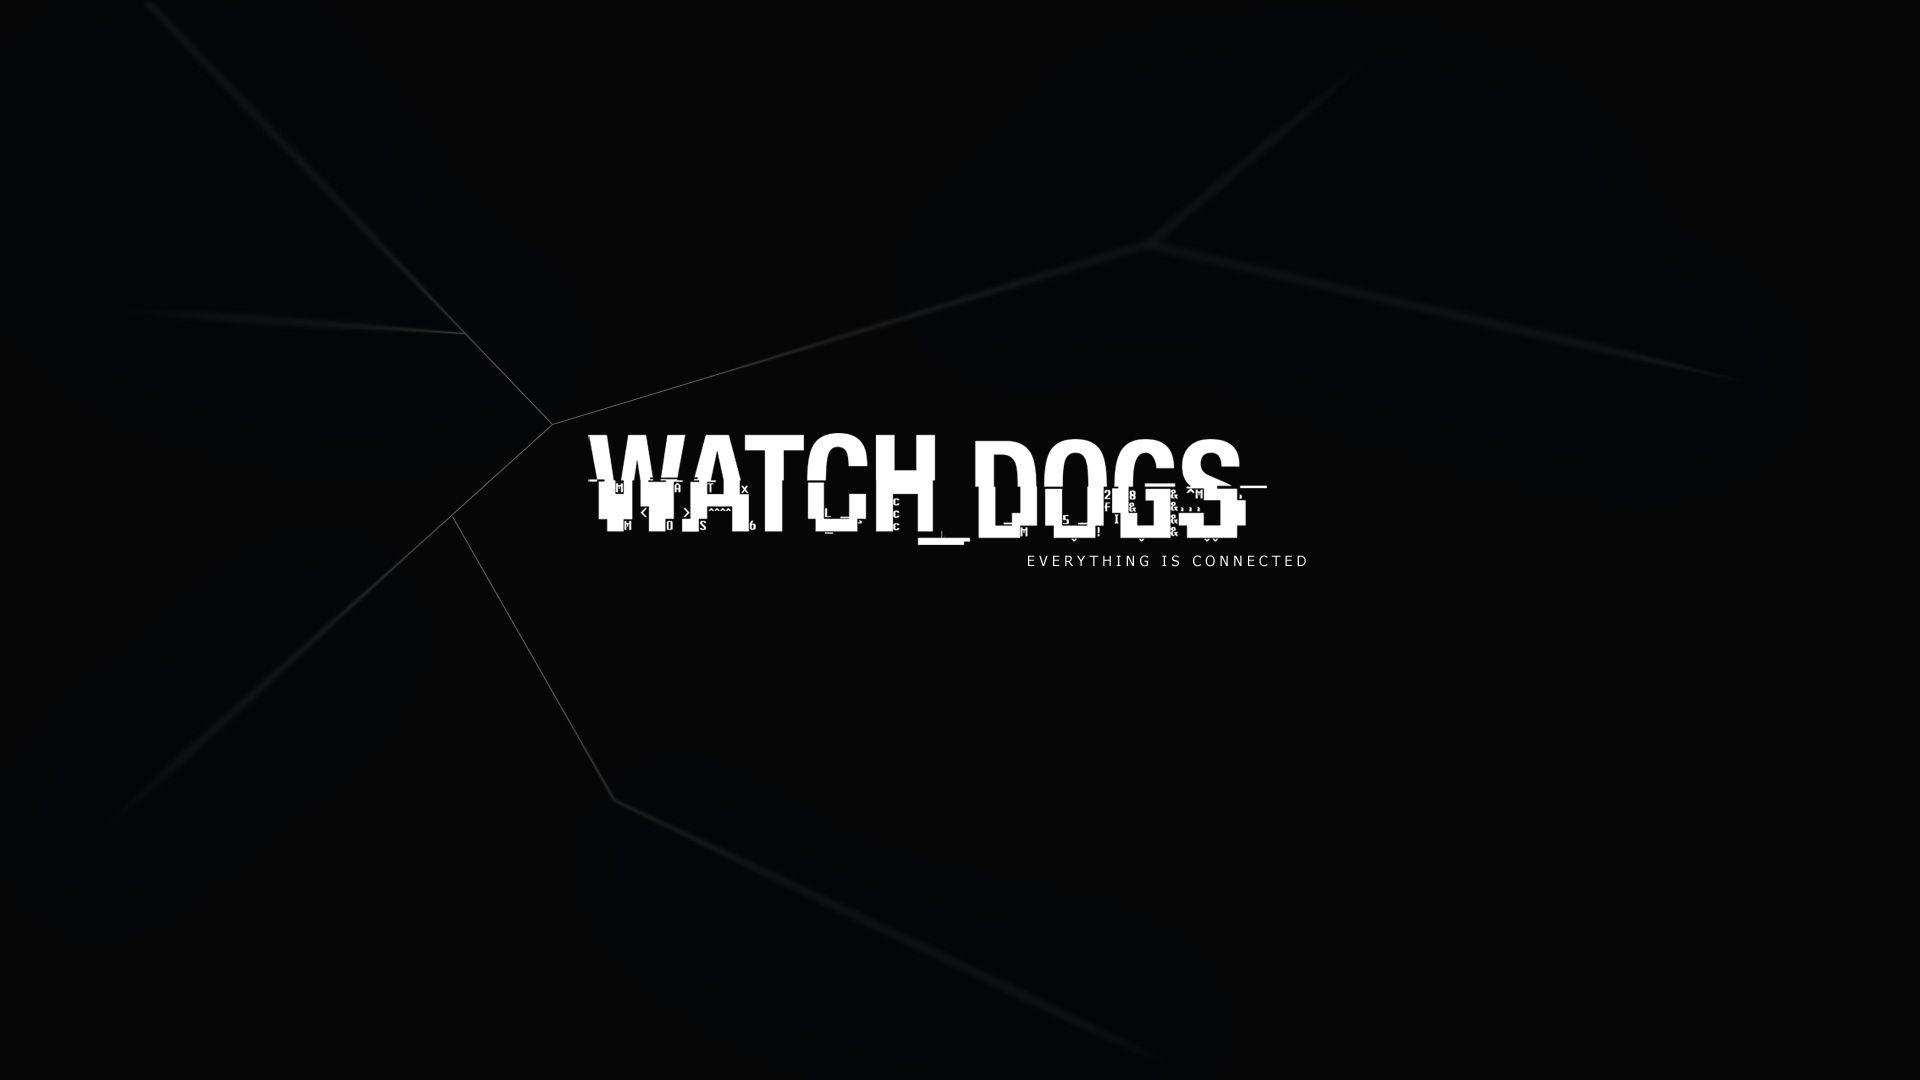 Download wallpaper x watch dogs tbone grady raymond kenney